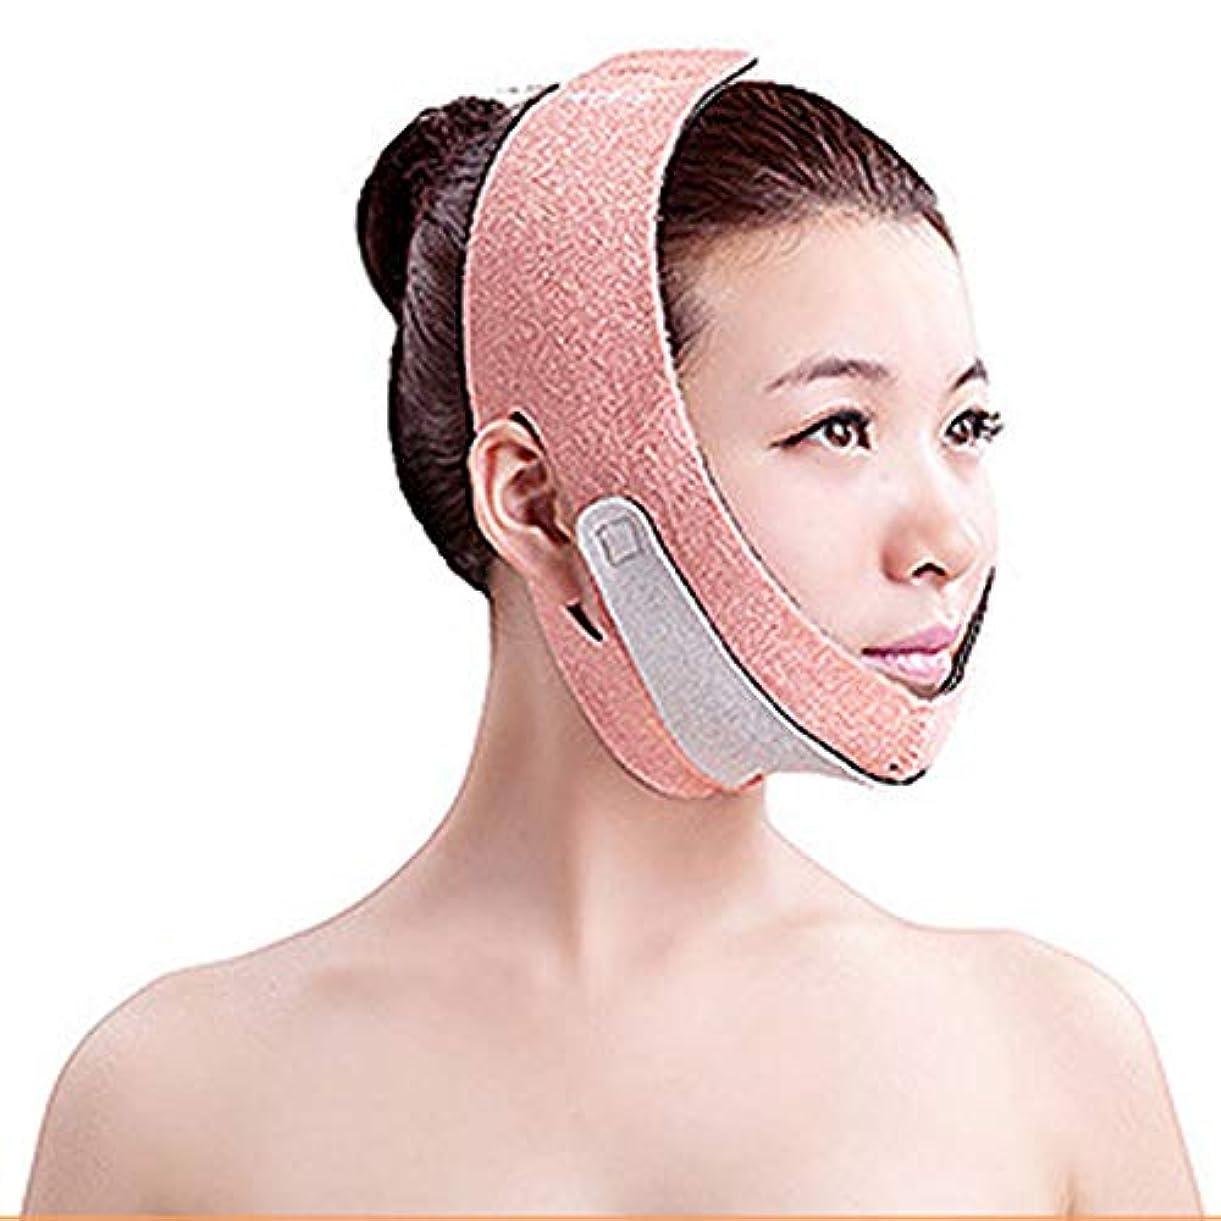 下線パズルベイビーV顔の強力な持ち上げツール、修正3D改装リフティング包帯二重あごの女性の抗しわの美しさフェイスリフティングアーティファクト睡眠包帯薄い顔二重あご無料呼吸,Orange